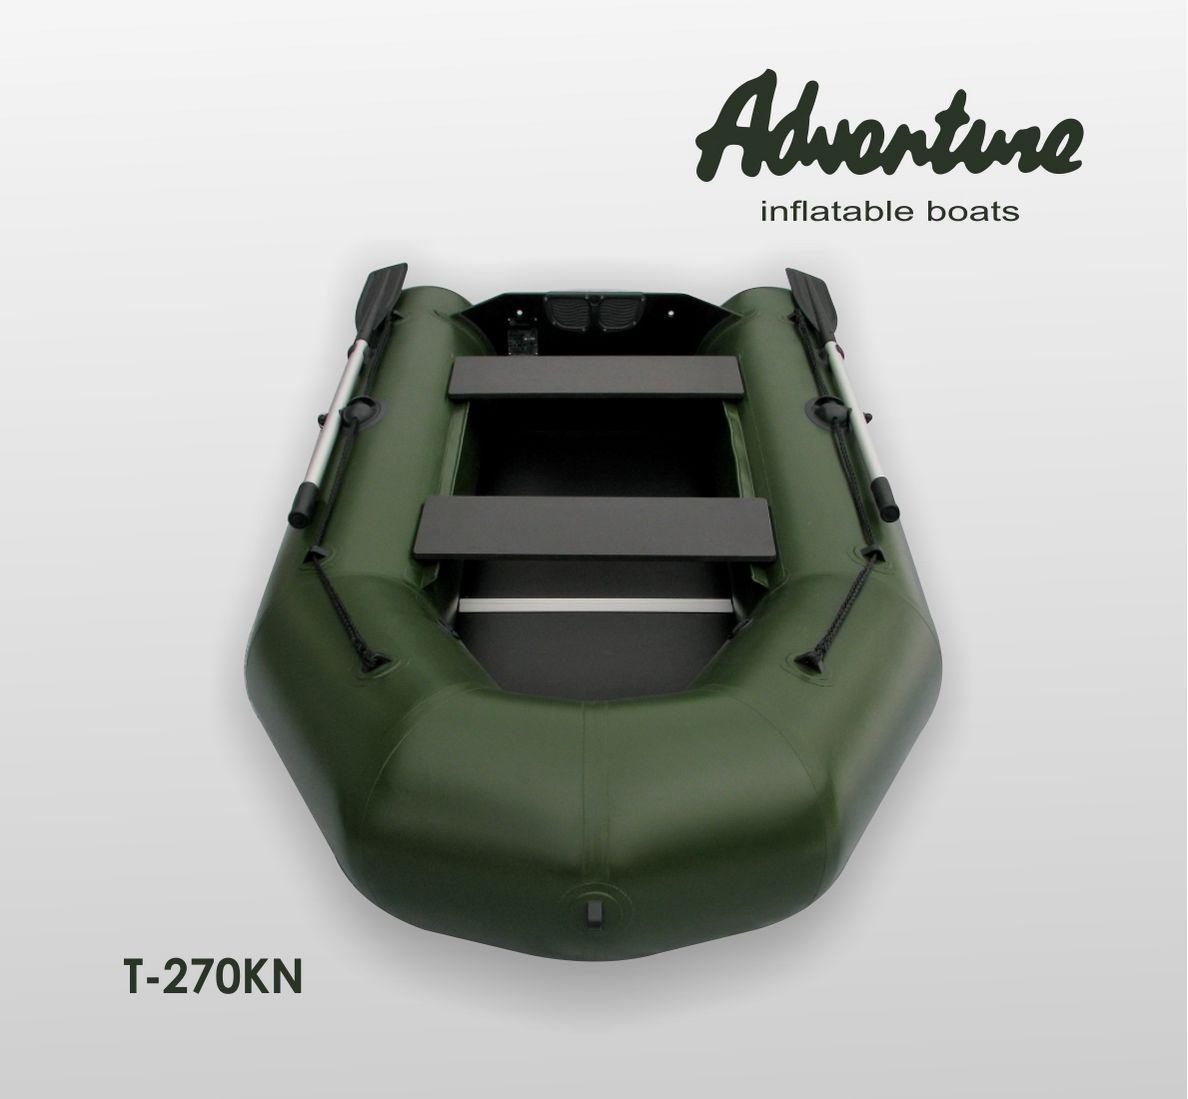 Надувная лодка Adventure T-270KN - фото 3